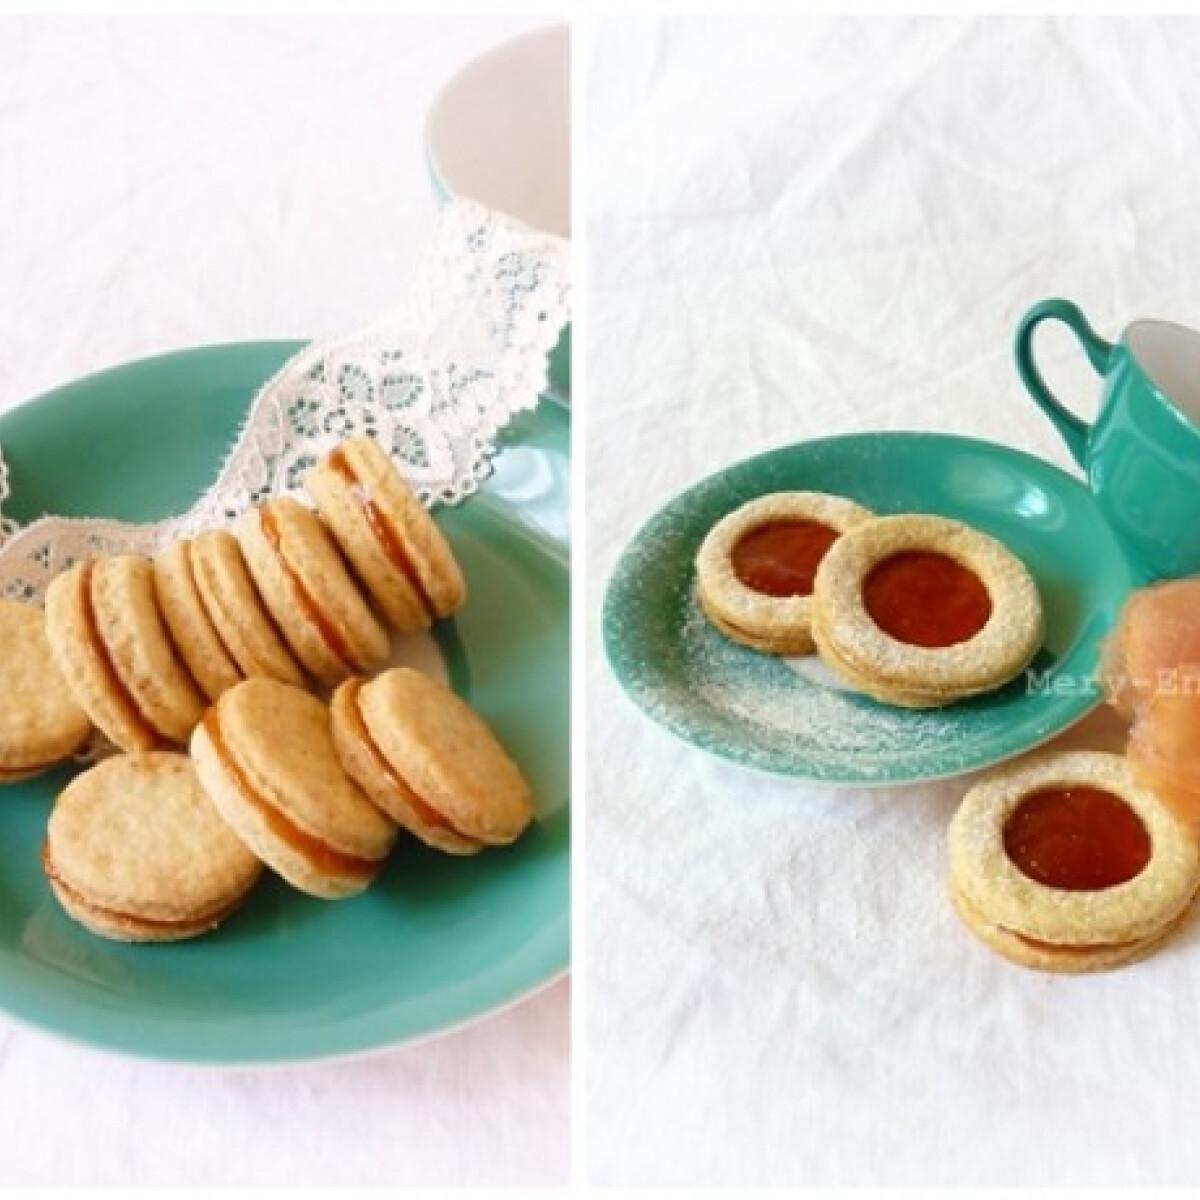 Sárgabarackos-diós keksz